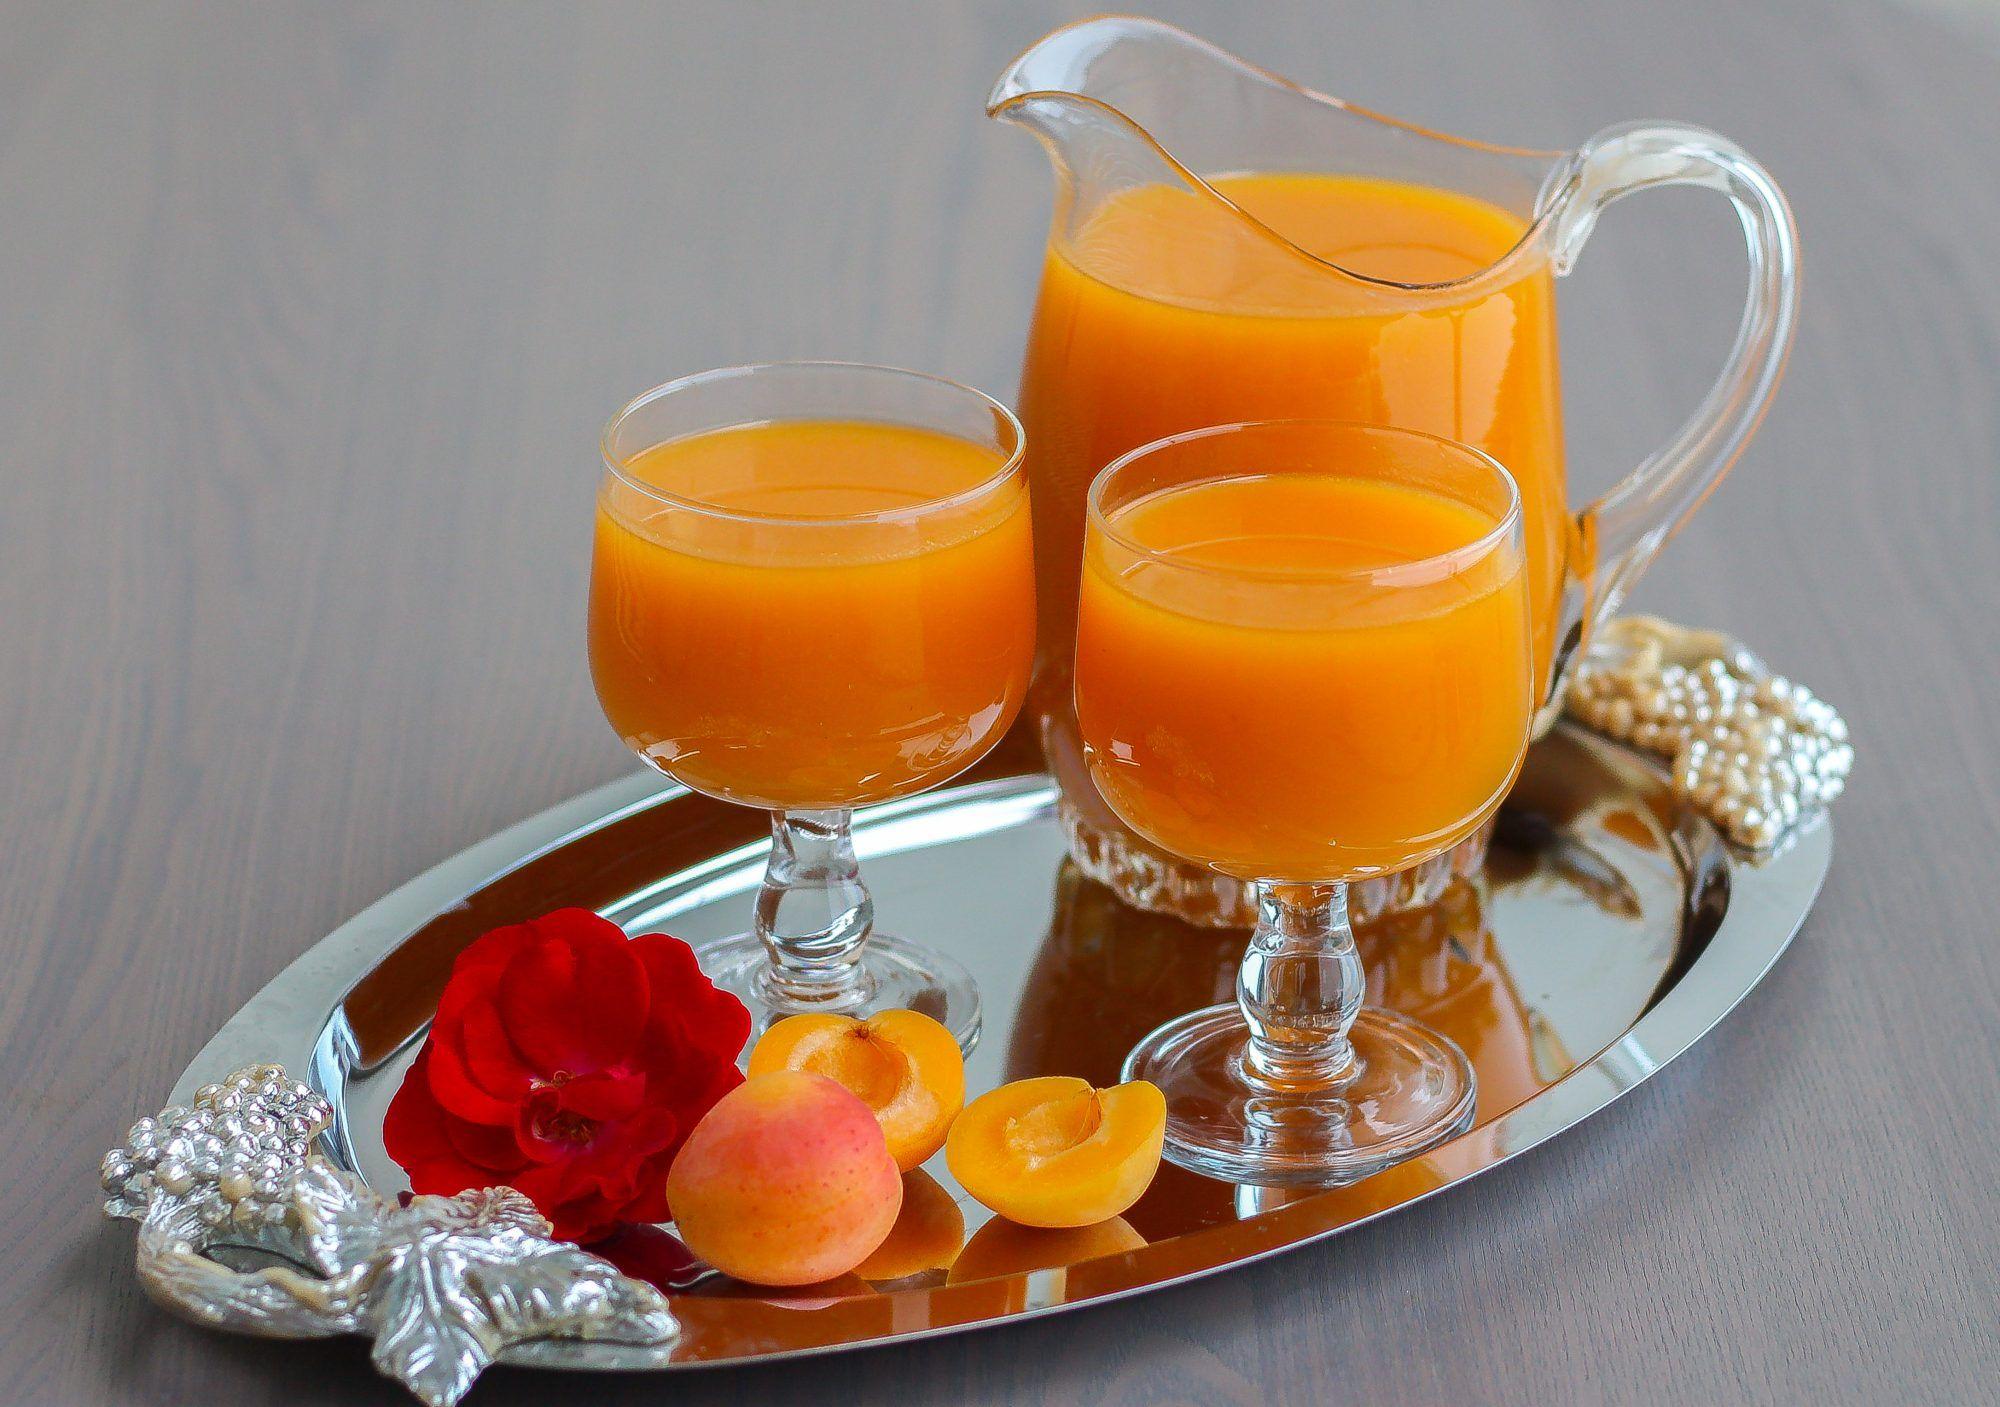 Qamar el din är en massa gjord på torkad aprikos. Den används som smaksättning i desserter eller drinkar i Mellanöstern och Nordafrika. Denna dryck är en favorit att servera iskall en varm sommardag. Det är en smaksak hur man gör sin dryck, vissa gillar att smaksätta den med lite apelsinbloms- eller rosenvatten. Man kan även justera sötman och konsistens på drinken genom att tillsätta så mycket socker eller vatten som man själv önskar. Ca 1,5 liter qamar el din dryck 400 torkad aprikosmassa…